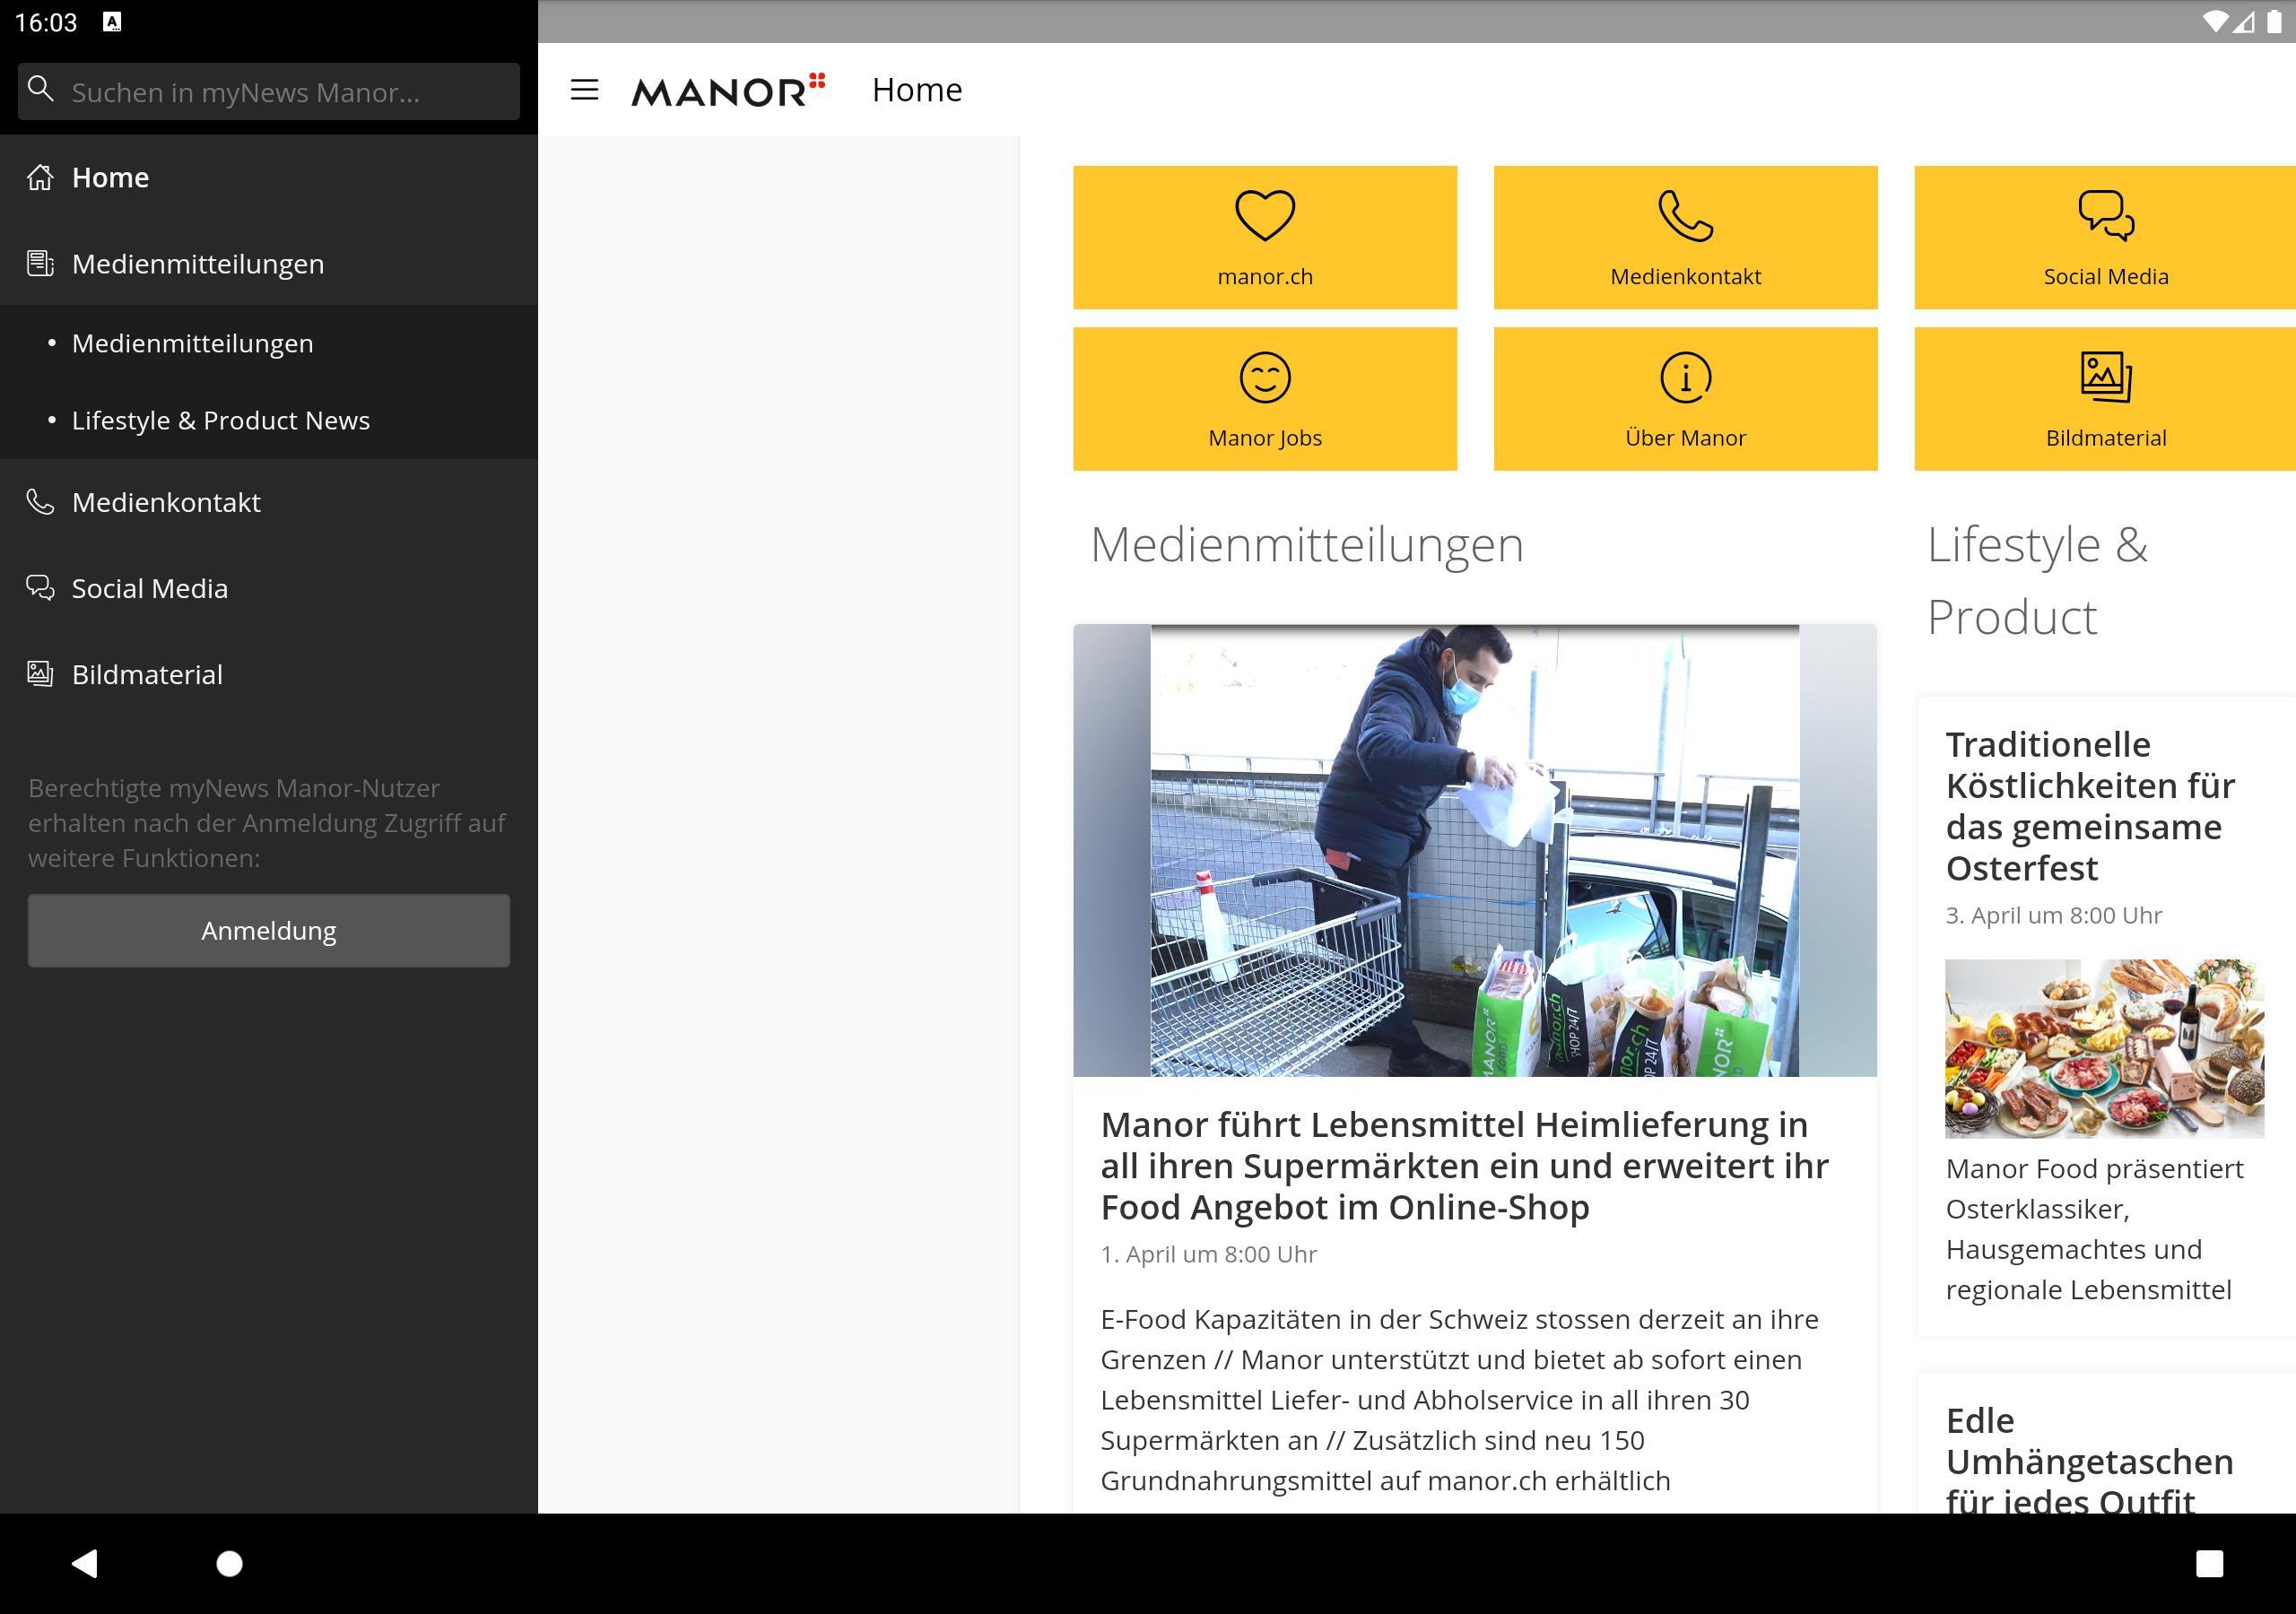 myNews Manor für Android   APK herunterladen